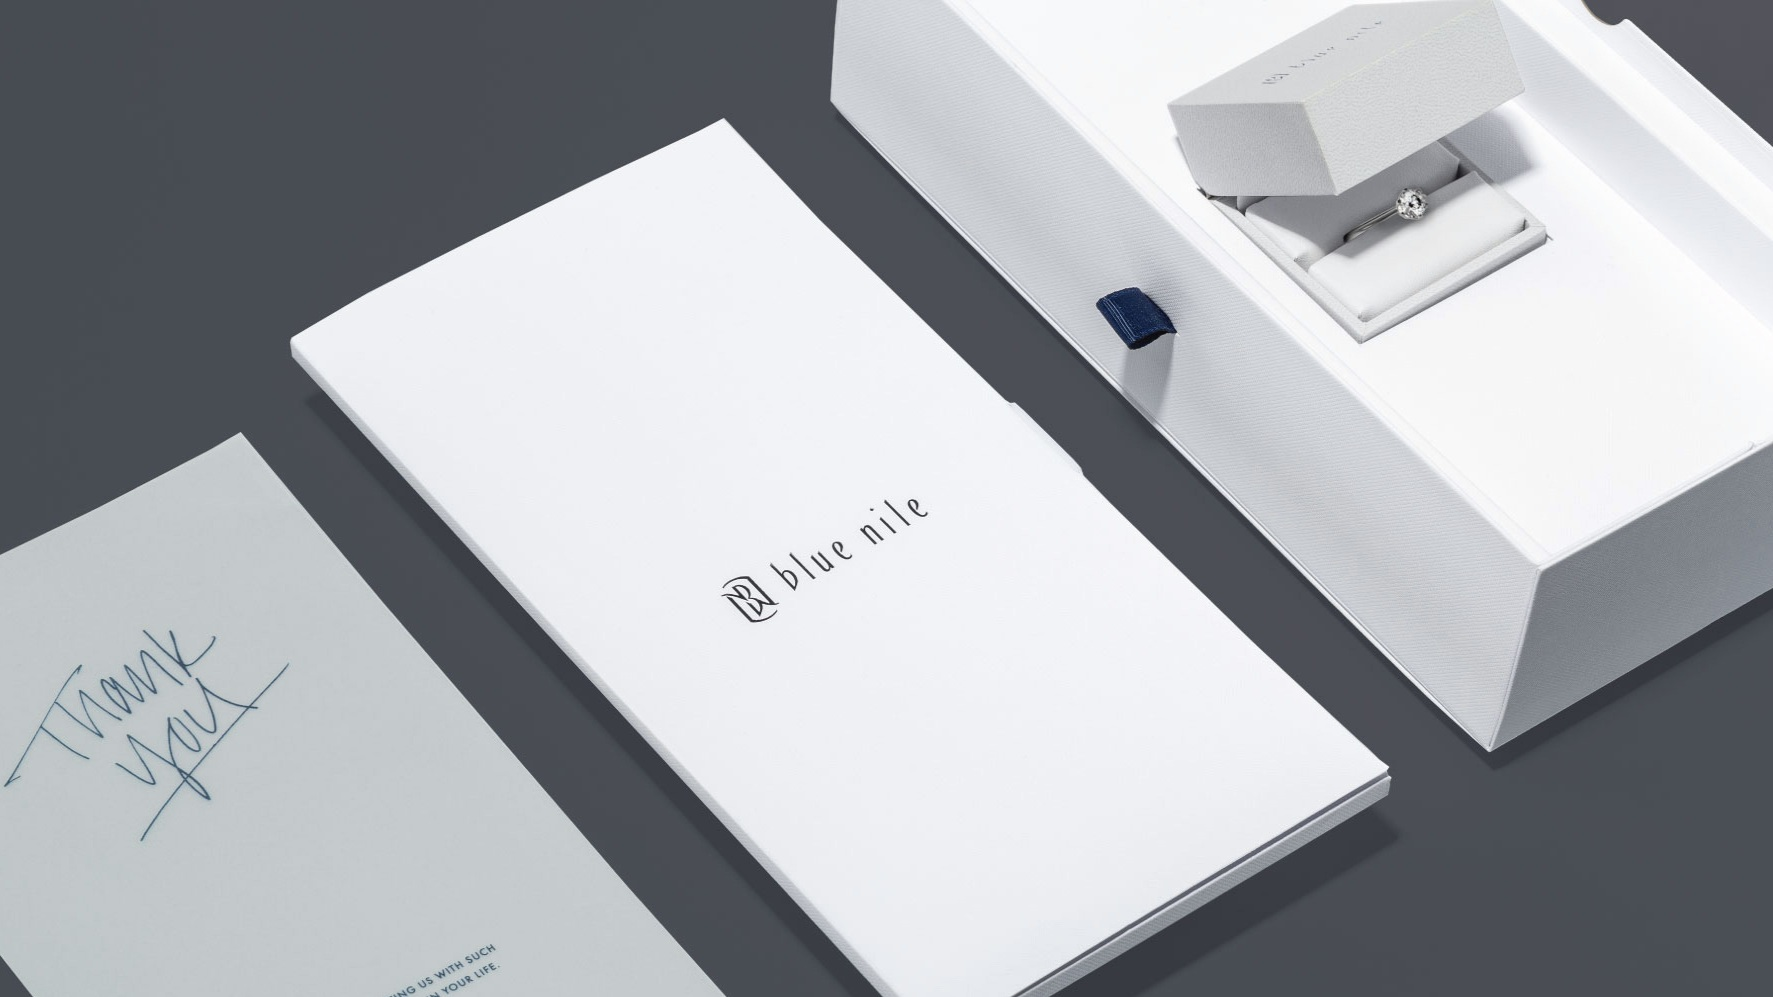 CRP_packaging_BlueNile_04-b.jpg